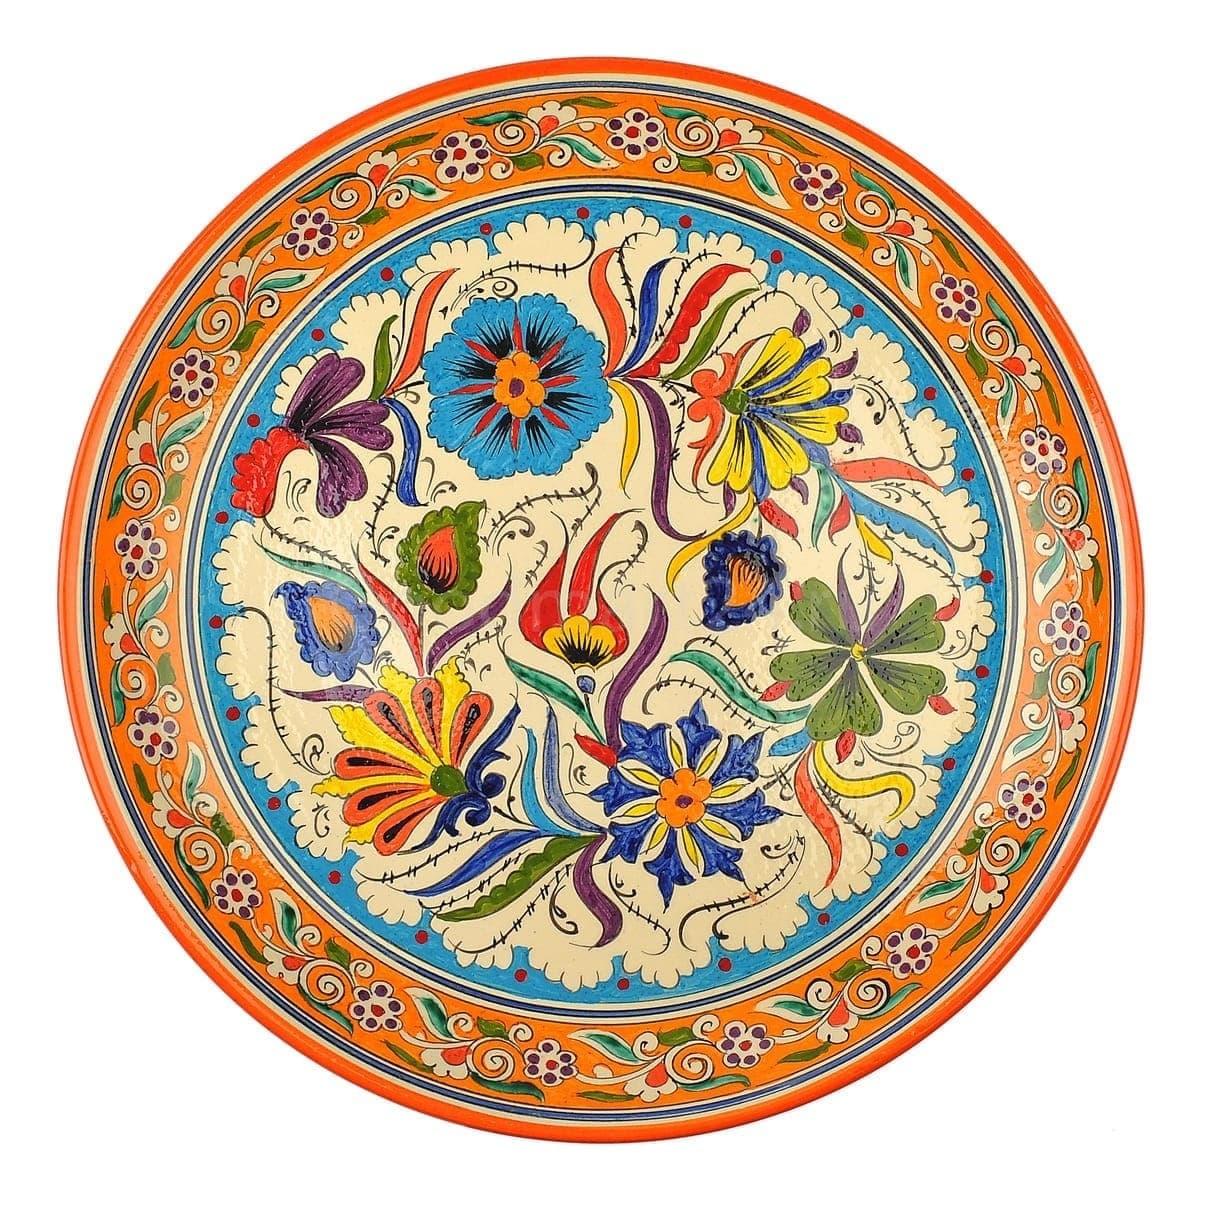 Ляган Риштанская Керамика 42 см. плоский, Турецкий - фото 9457